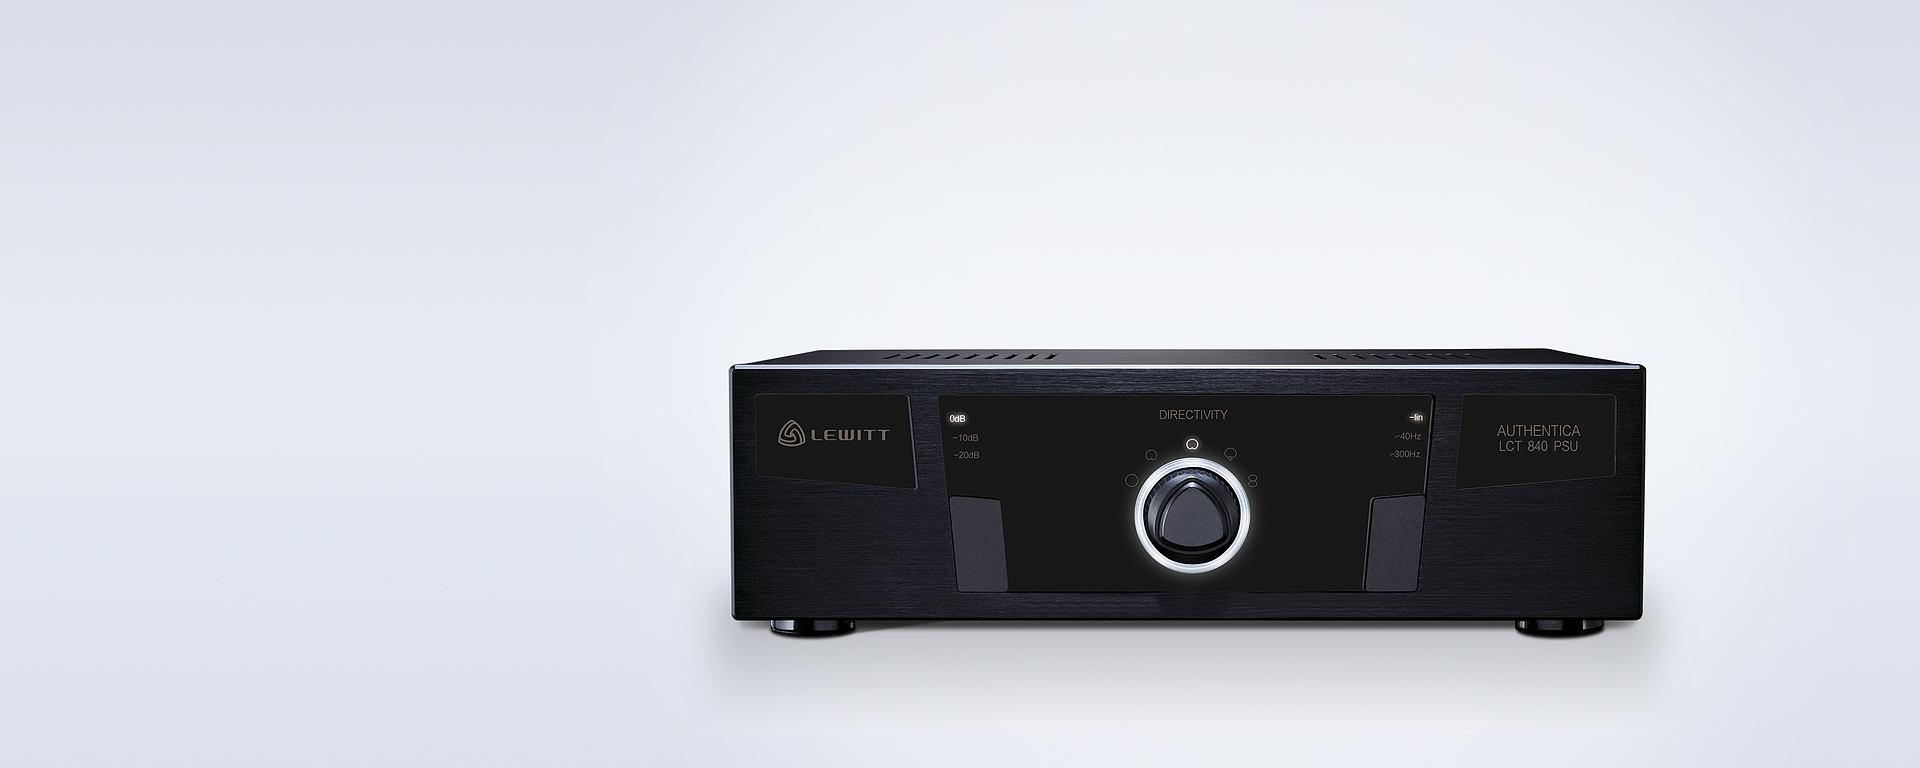 LCT 840 PSU